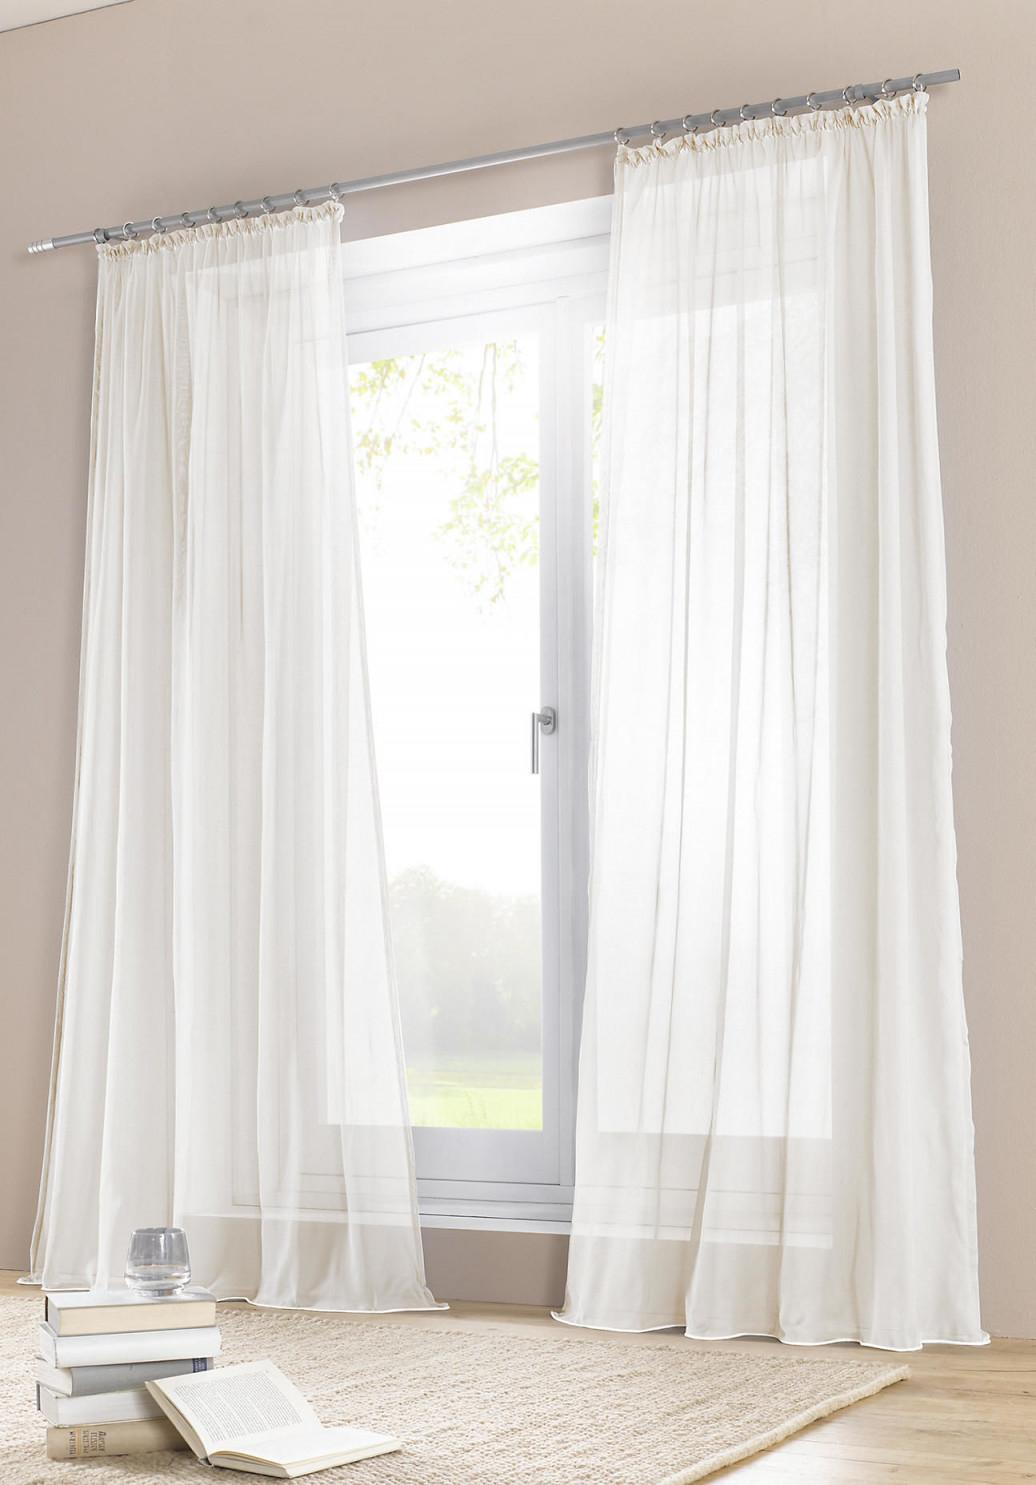 Die Schönsten Ideen Für Vorhänge  Gardinen von Vintage Gardinen Wohnzimmer Bild